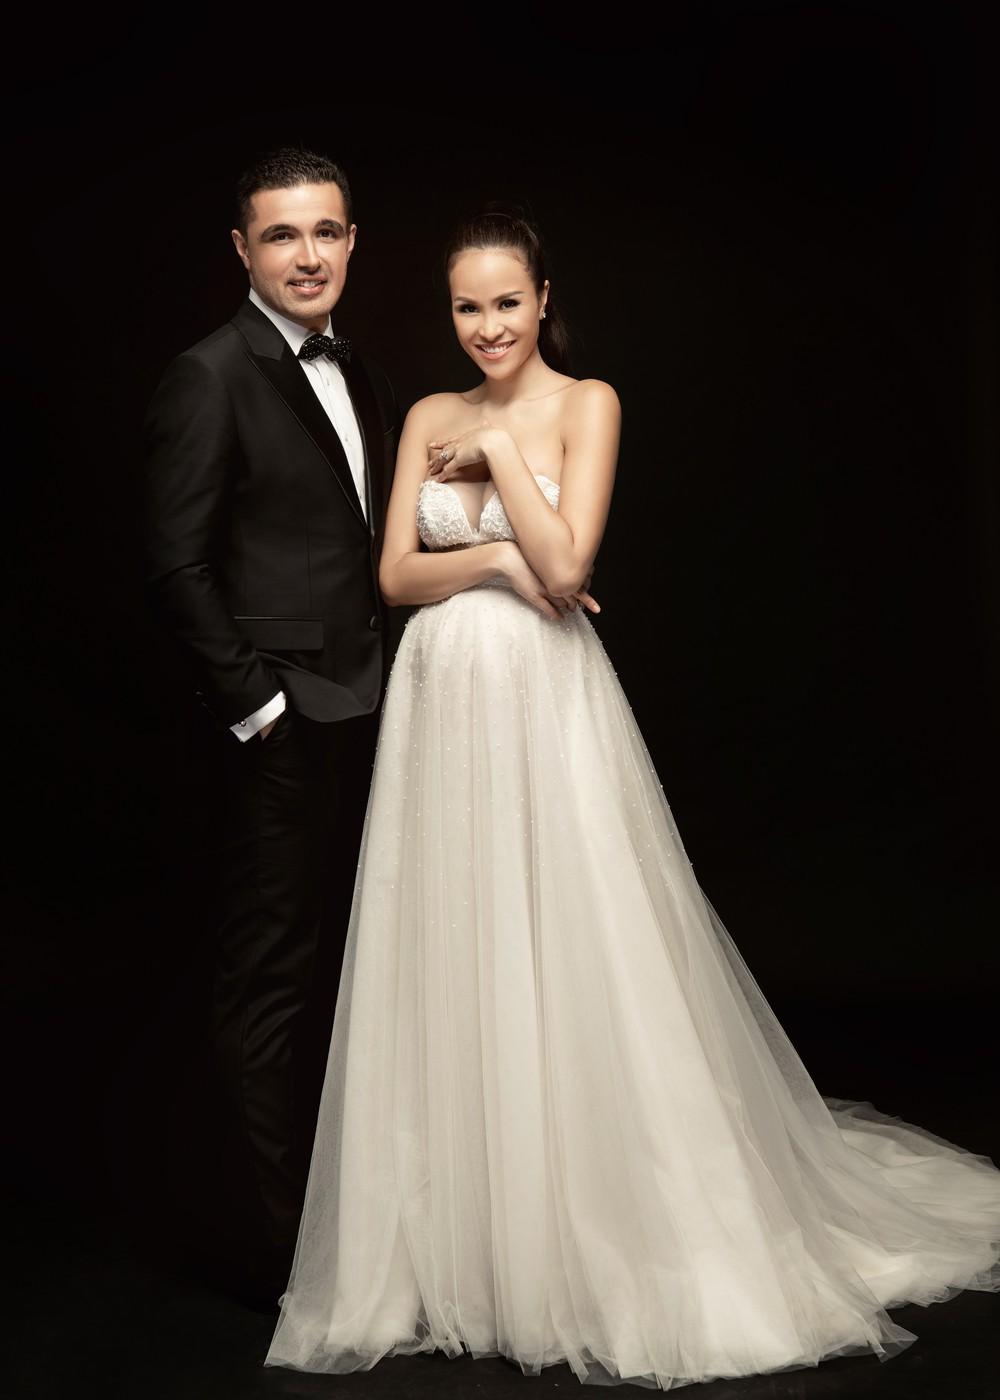 So kè váy cưới của 3 mỹ nhân Vbiz sắp về nhà chồng: Phí Linh nền nã, Phương Mai sexy nhưng bất ngờ nhất là Đàm Thu Trang - Ảnh 8.